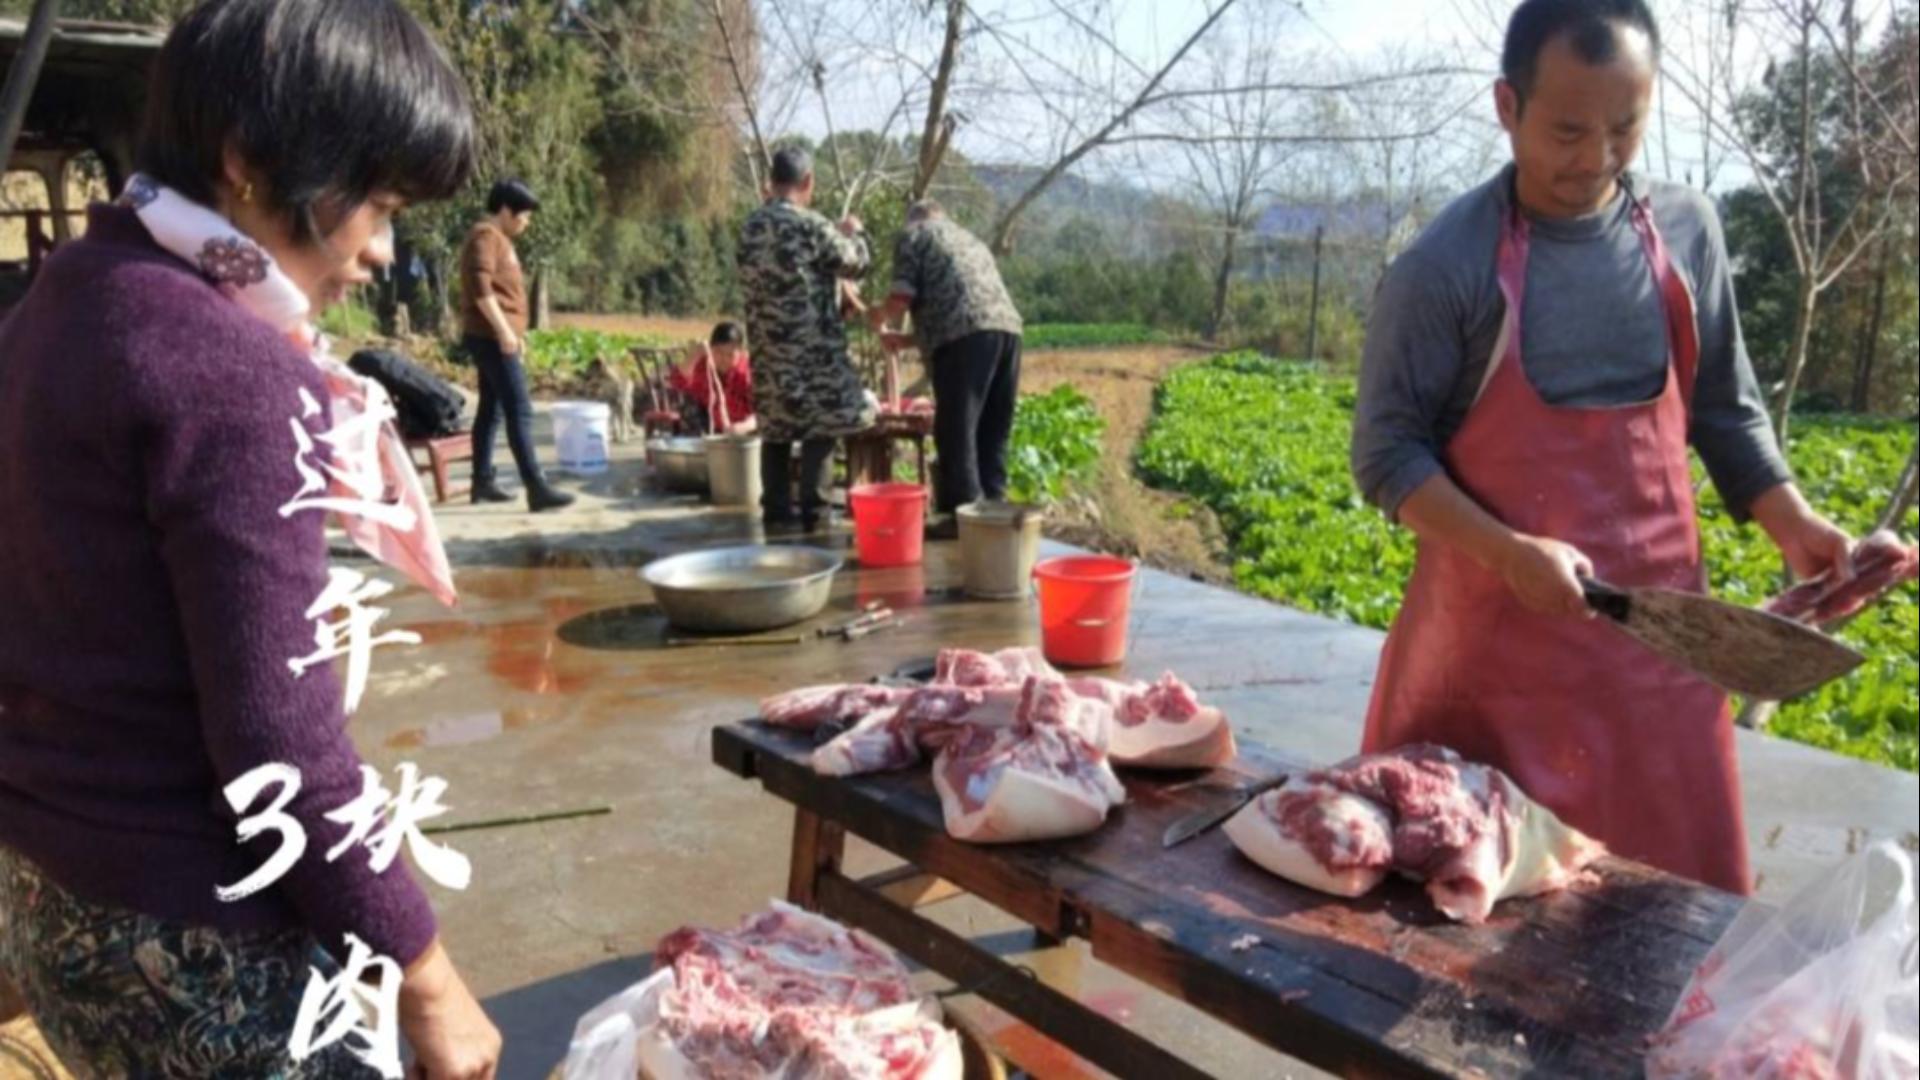 湖南的猪肉价依然没有降价的意思,小哥家买了3块猪肉,就当是过年